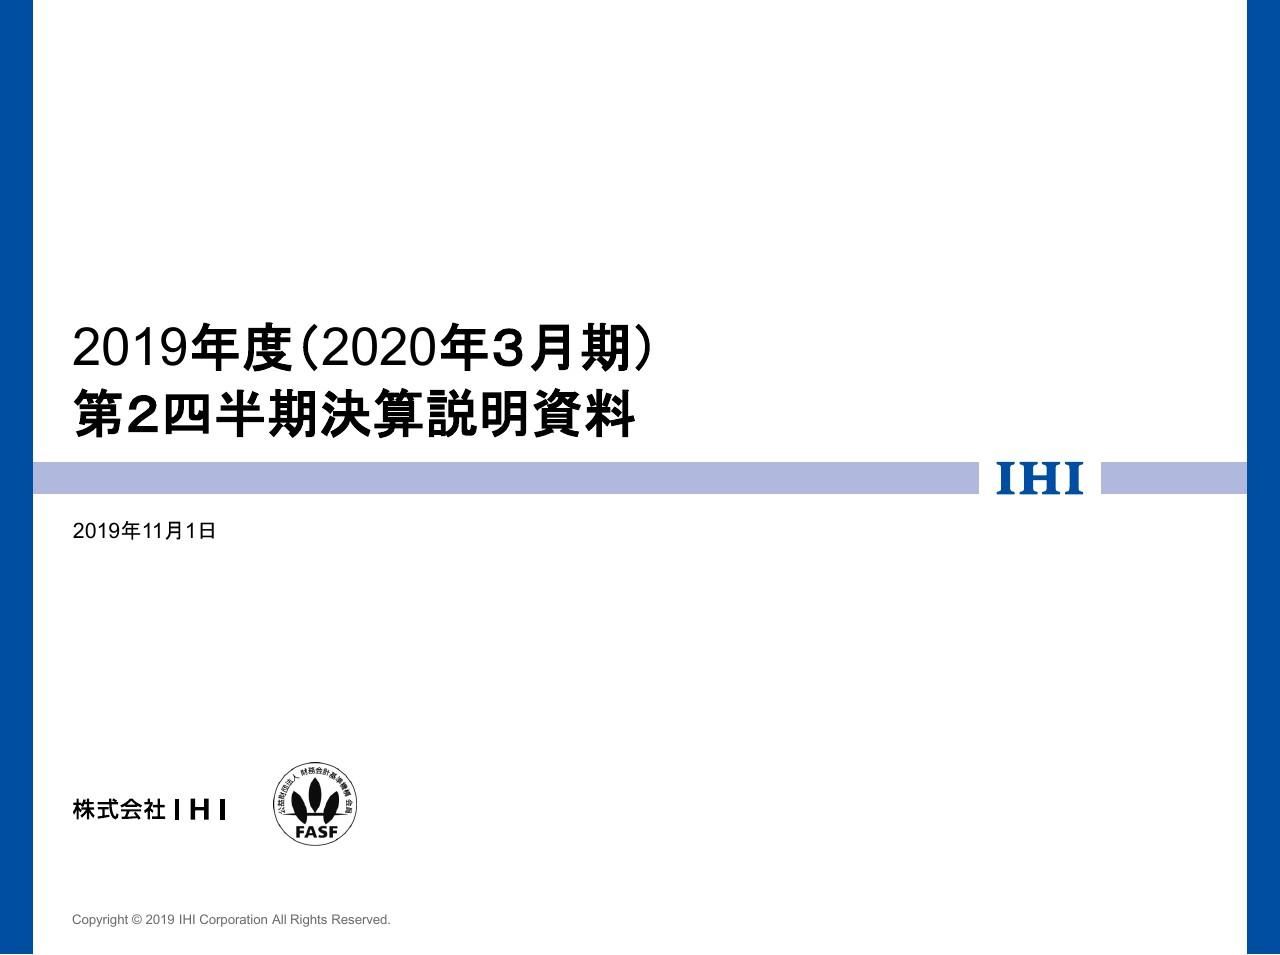 IHI、2Qは減収減益 中国経済減速等の影響に加え持分法投資損益や為替差損益により減益幅増